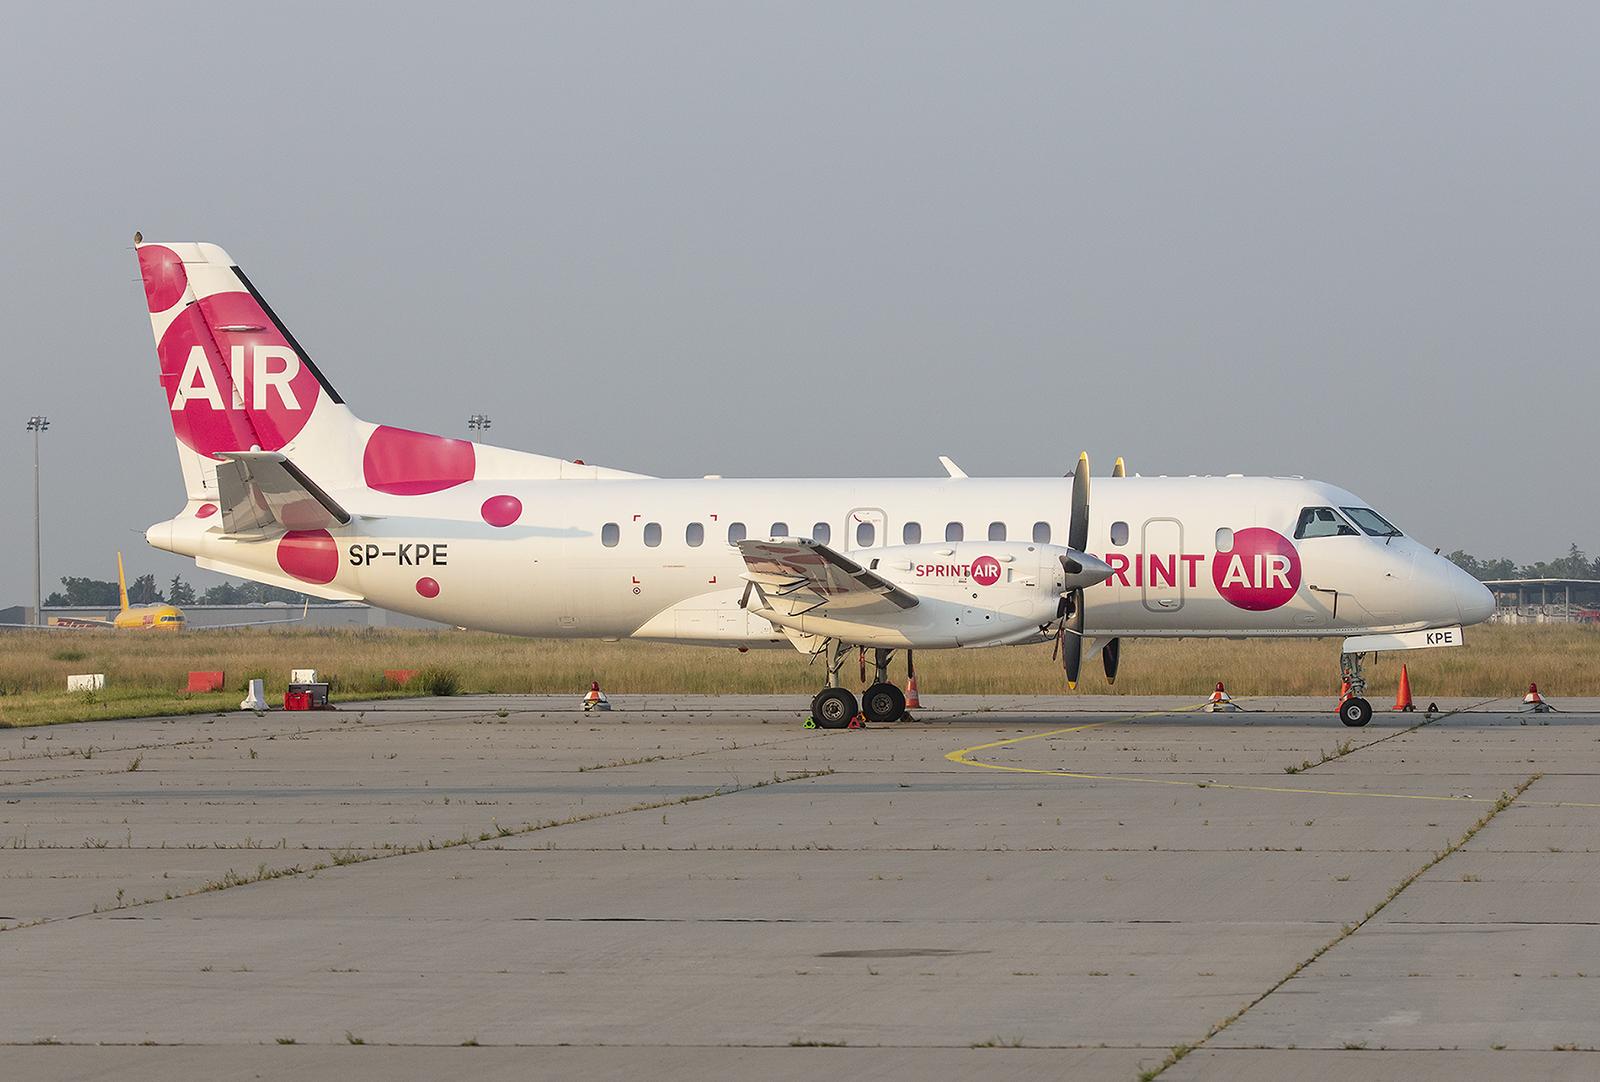 Die Sprint Air aus Polen betreibt einige kleine Propellerflugzeuge als Frachter.